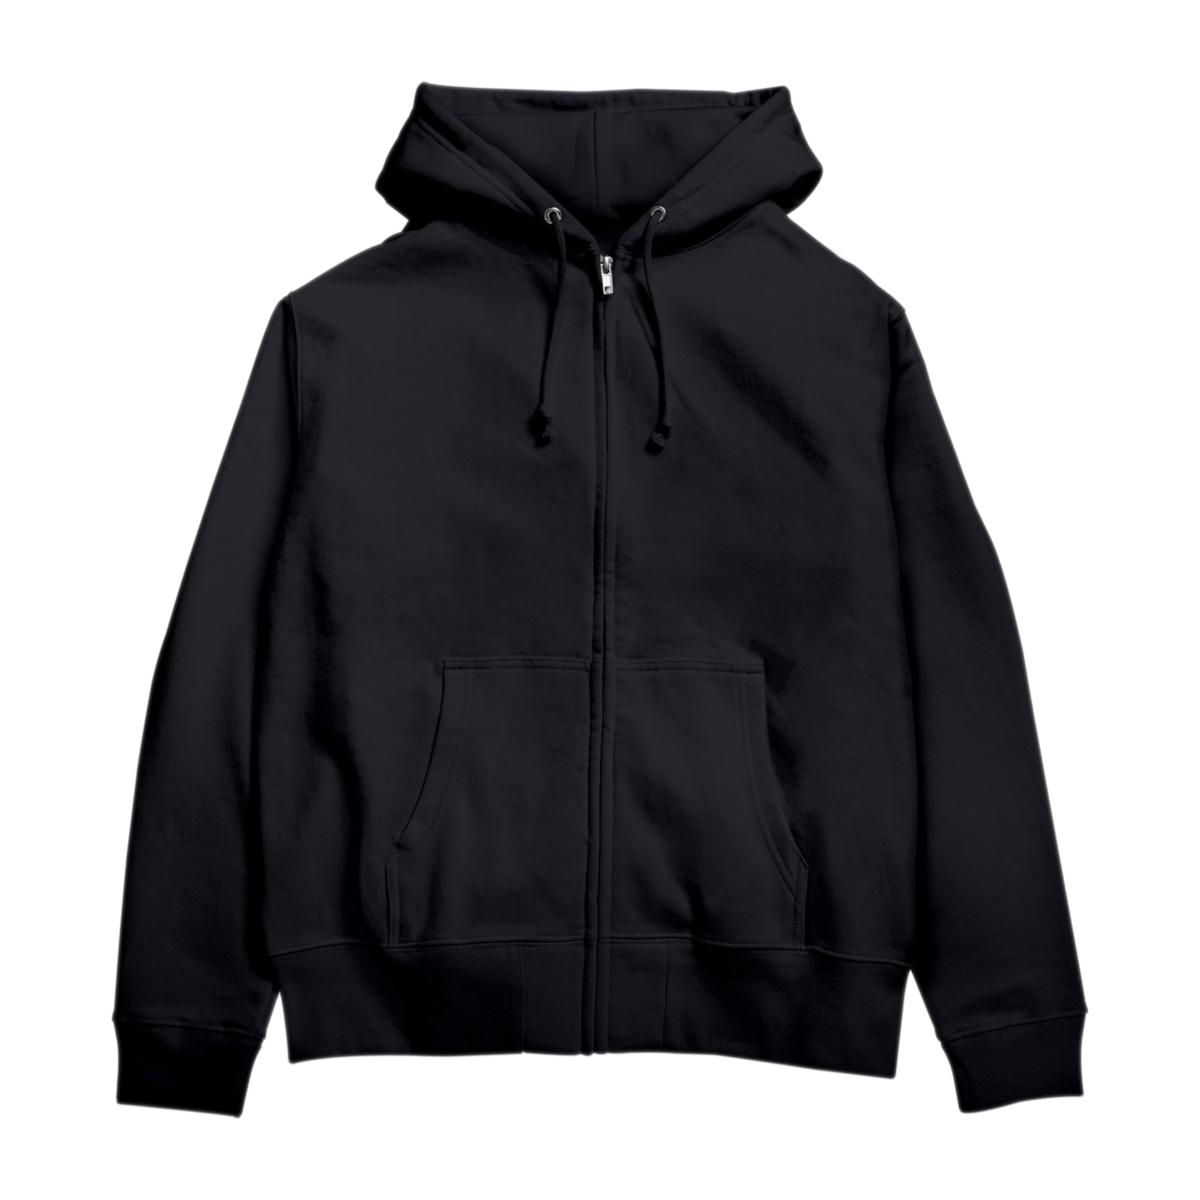 zip-hoodie2-front